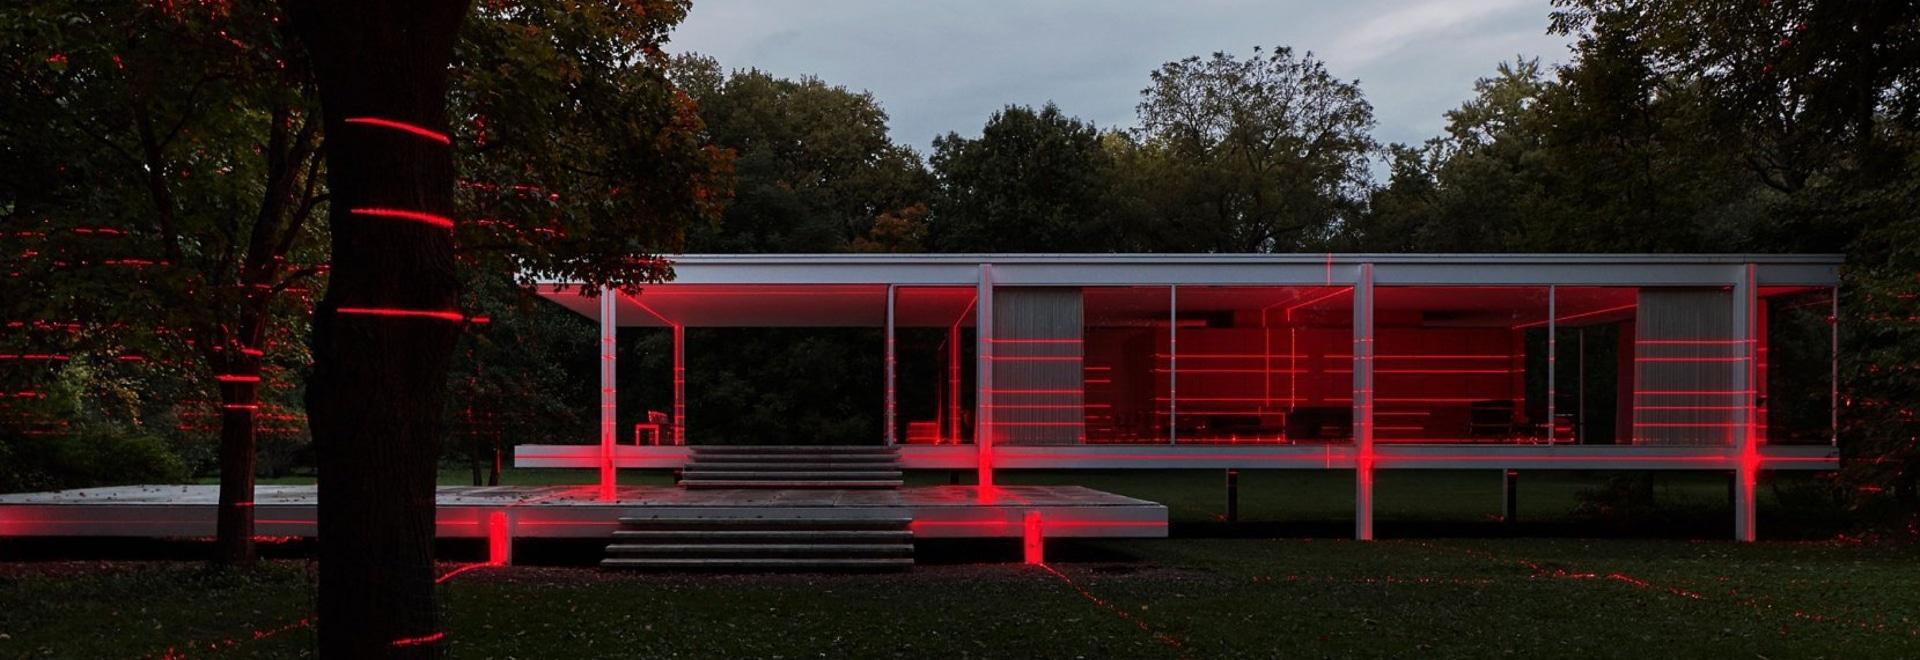 Geometrie des Lichts: Eine Multimedia-Installation verbindet die ikonische Architektur des Farnsworth House mit seiner pastoralen Umgebung